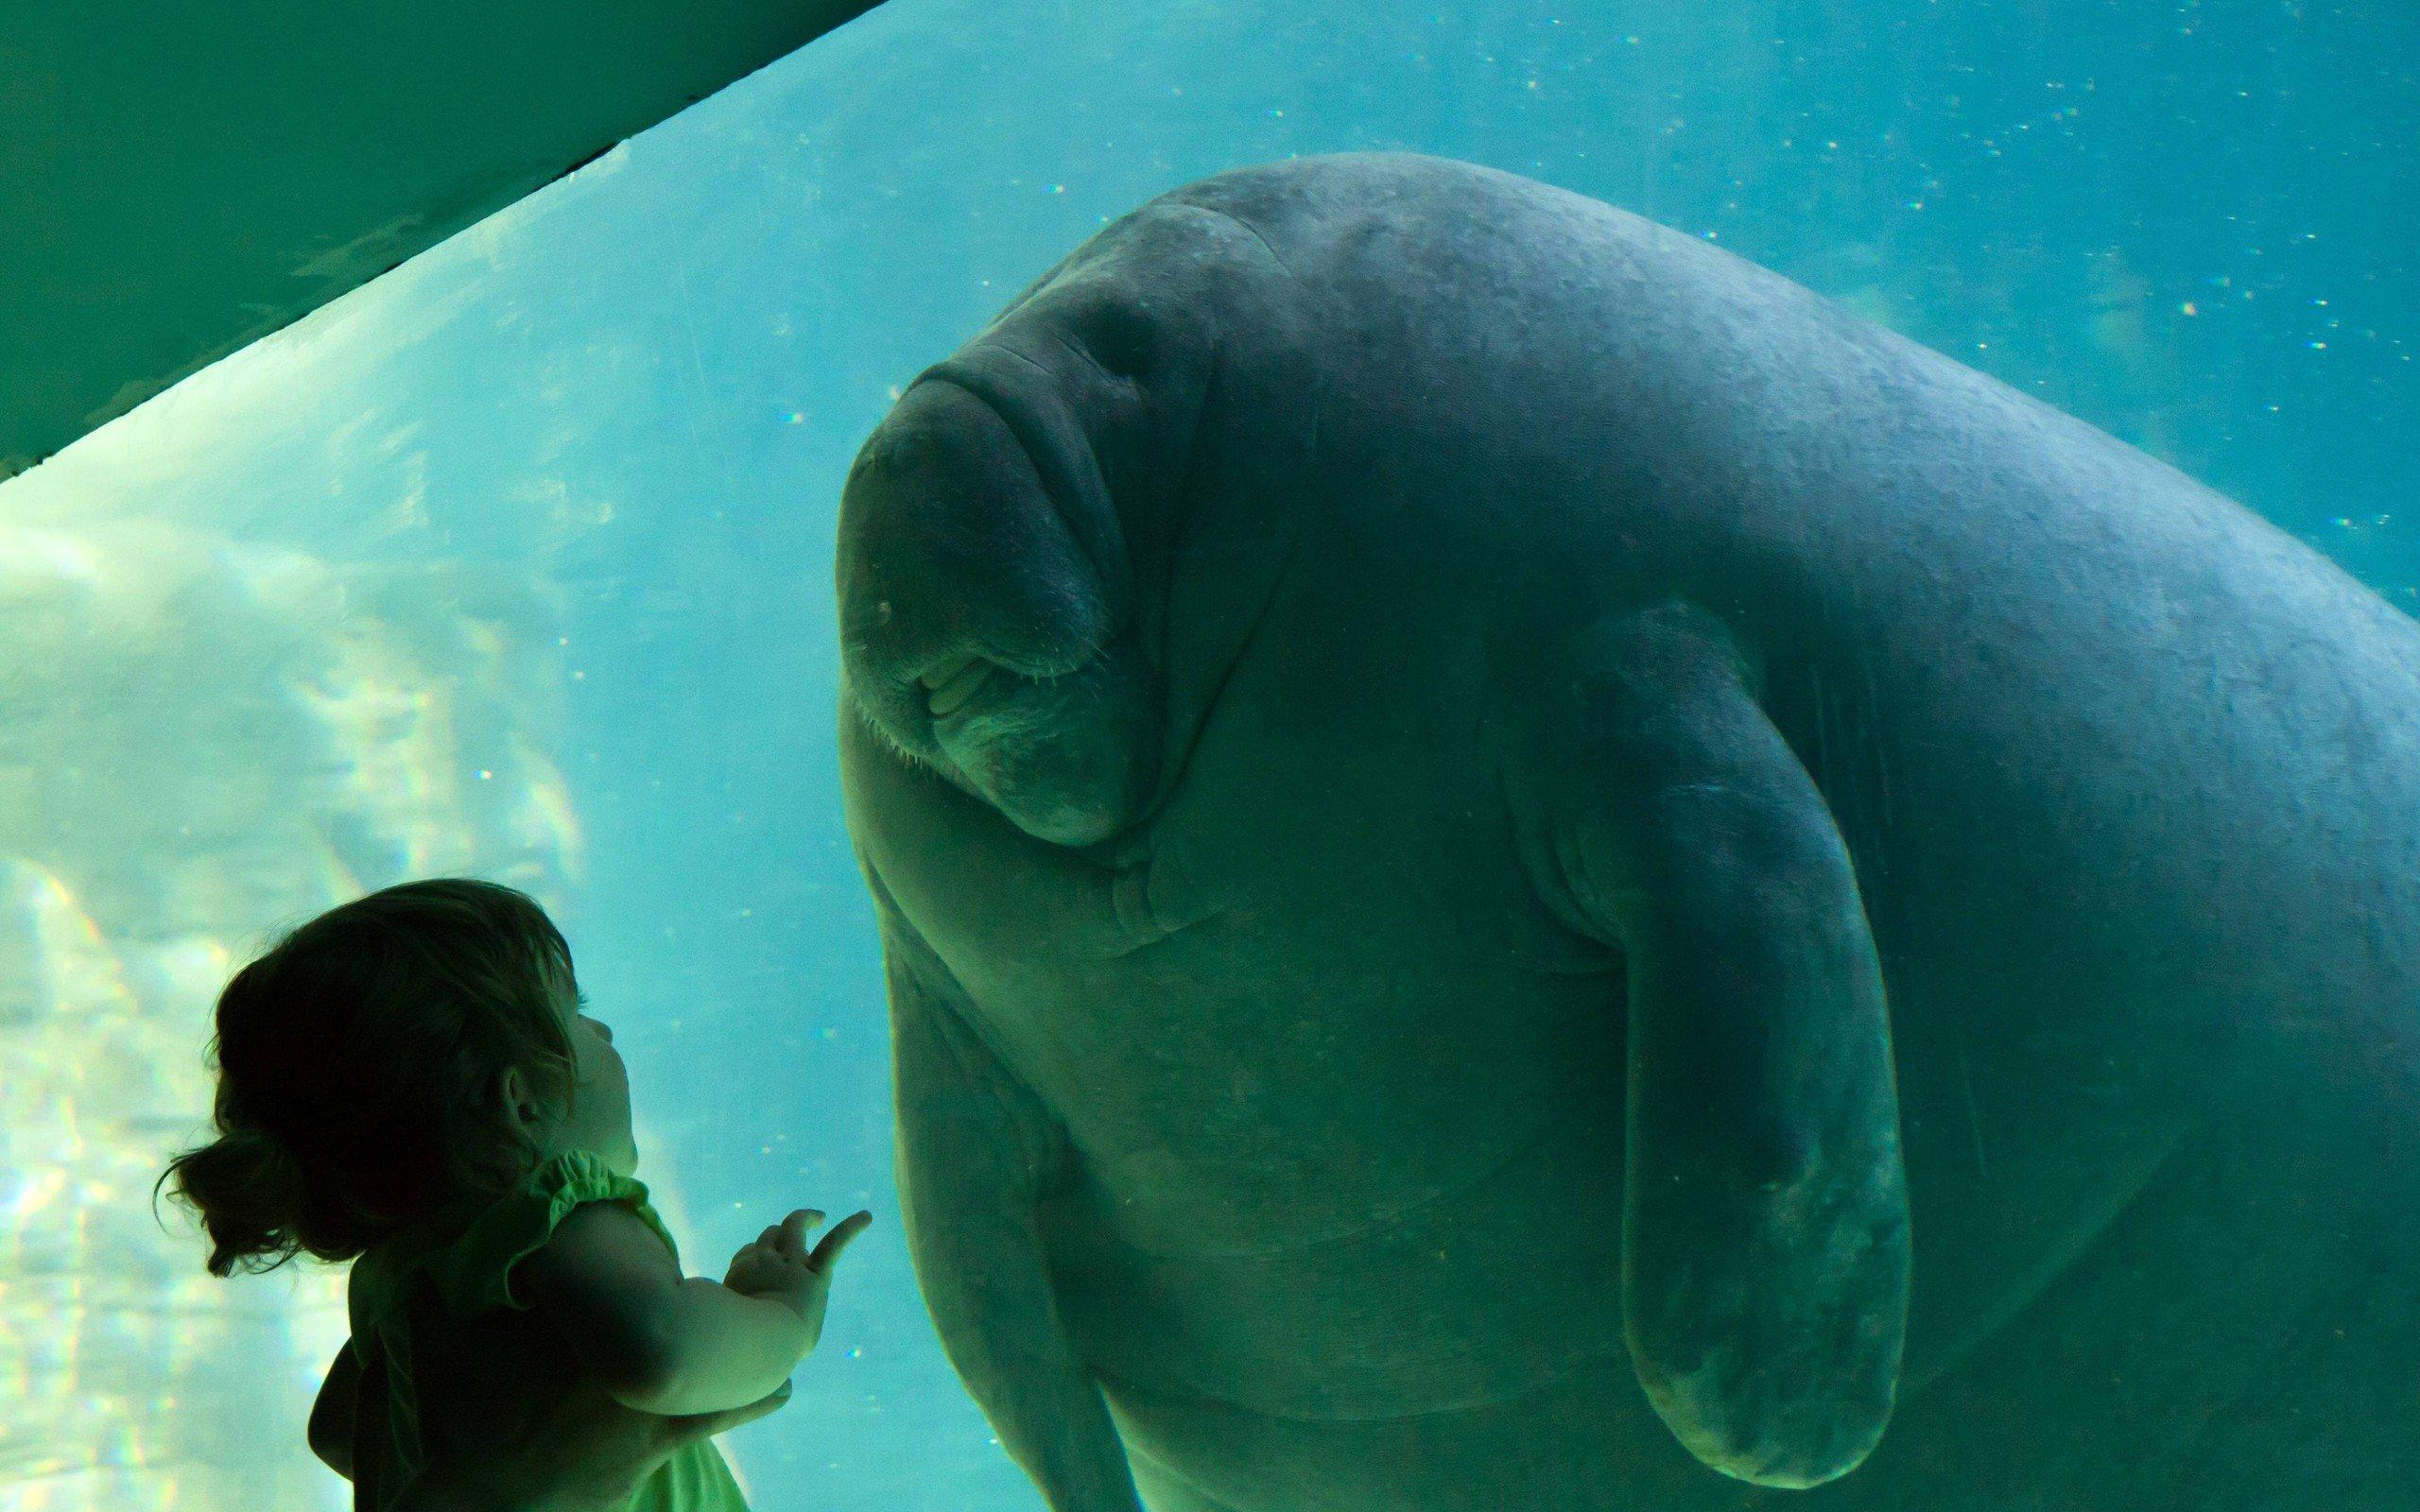 Water animals tanks aquarium manatee little girl wallpaper Manatee aquarium